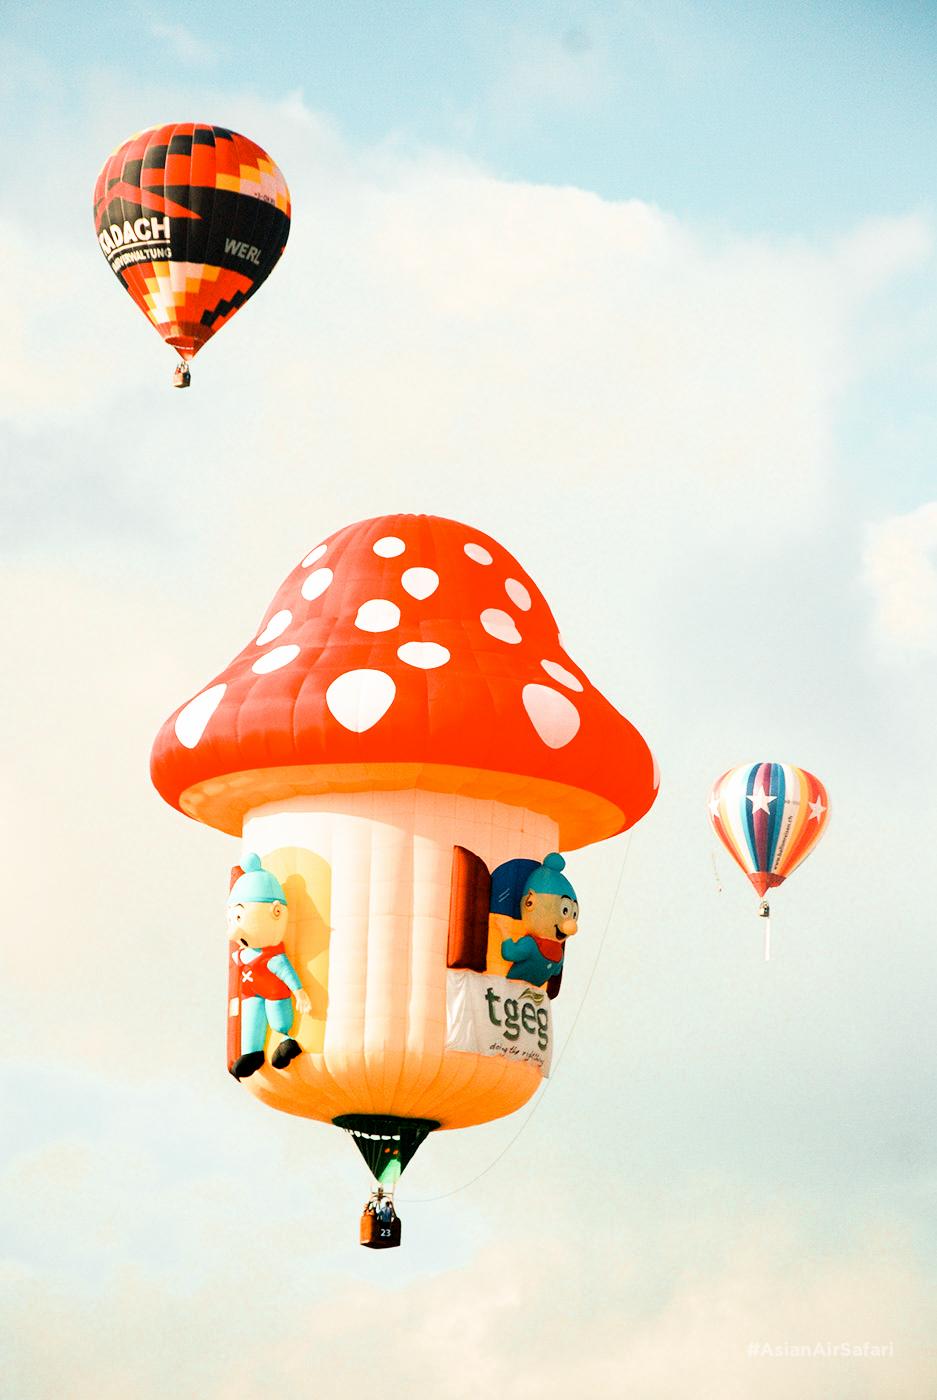 balloonslide (6 of 25)